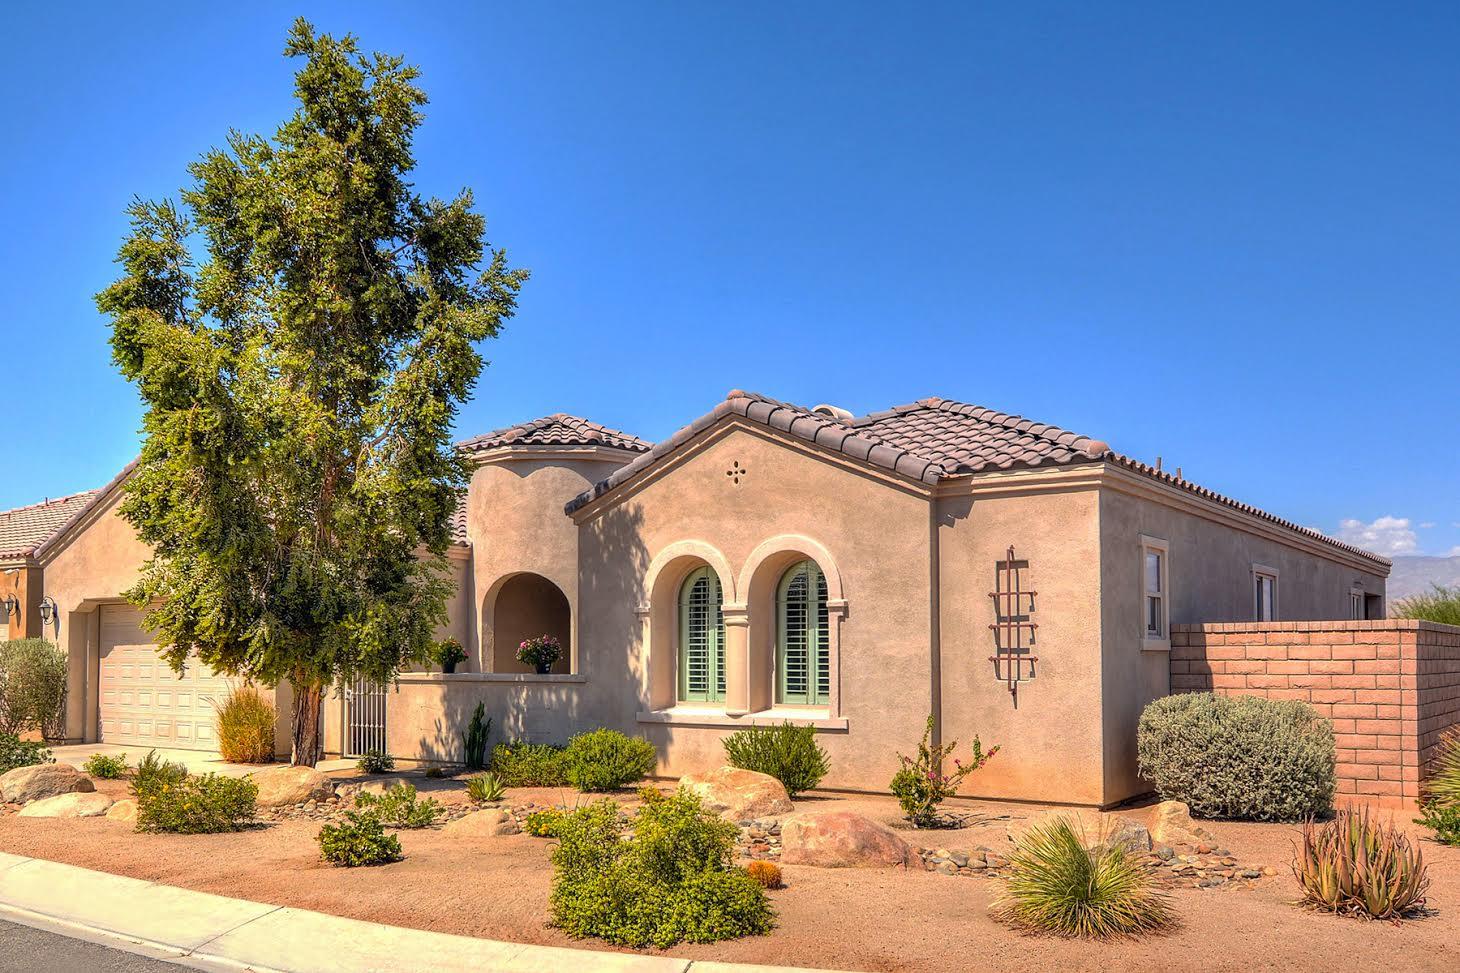 Частный односемейный дом для того Продажа на 35824 Raphael Drive Palm Desert, Калифорния, 92211 Соединенные Штаты